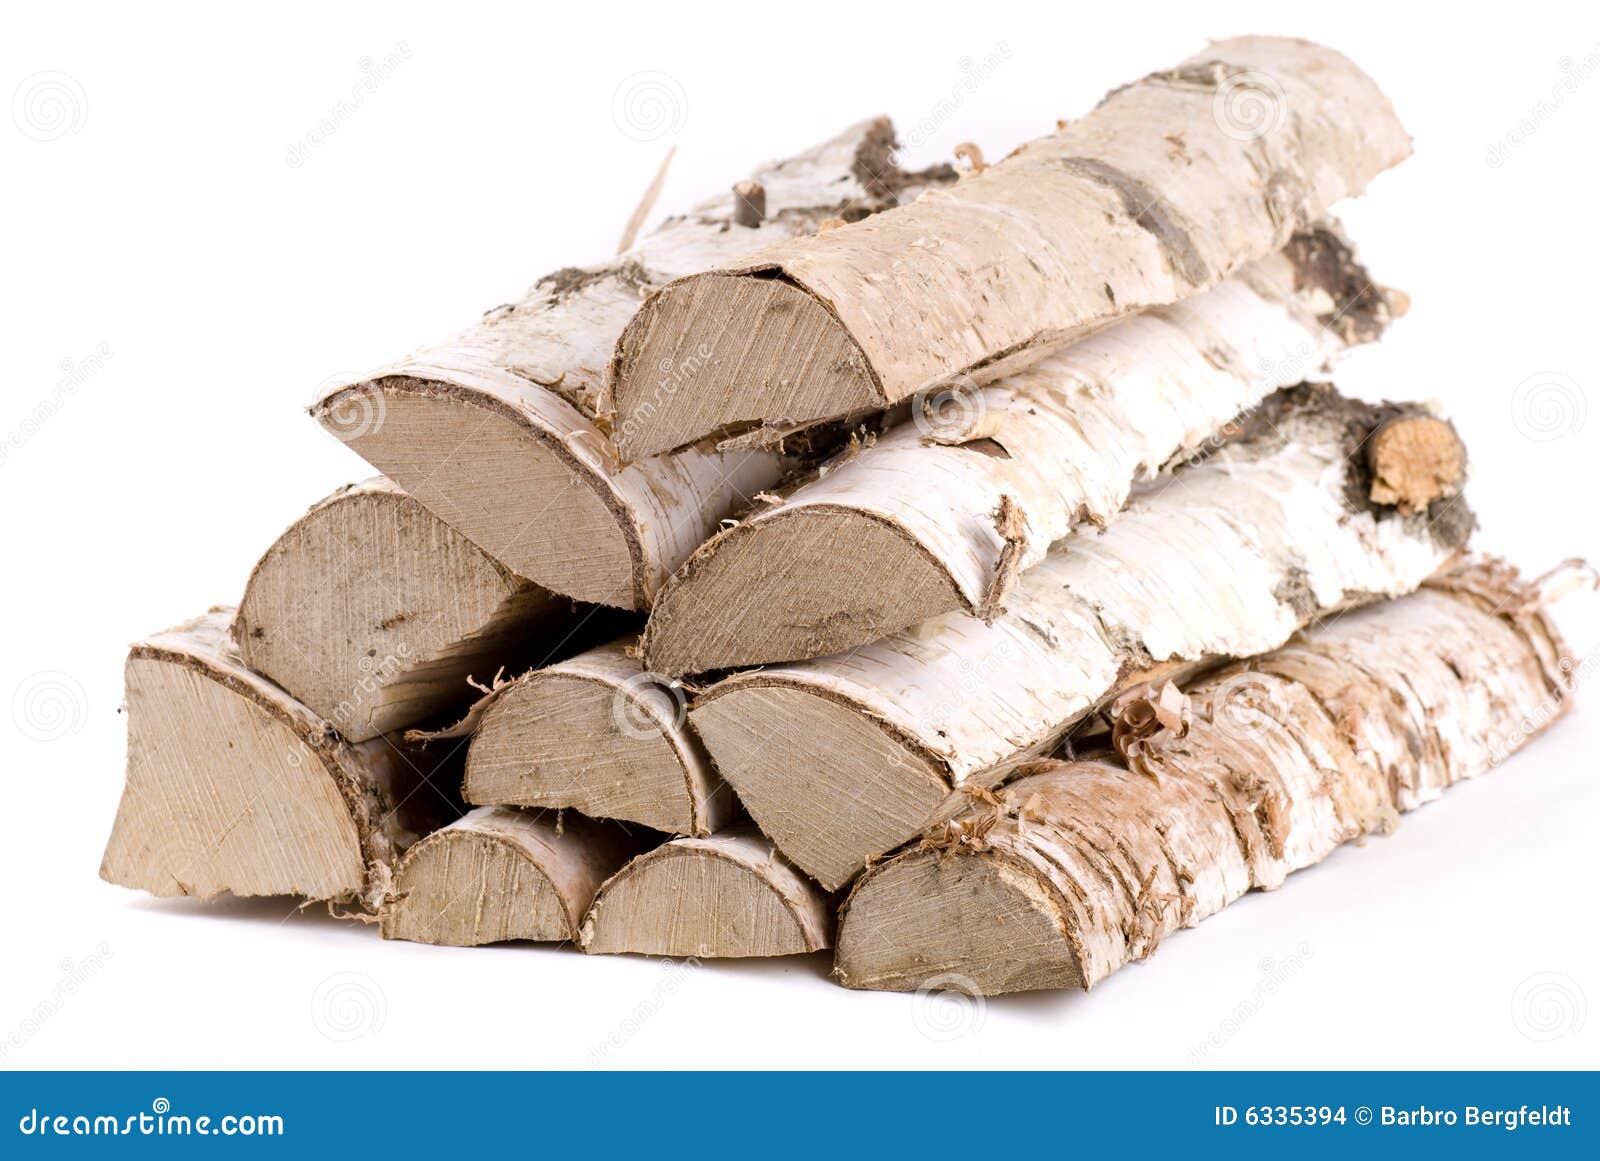 bois de chauffage photo stock image du morceau incendie 6335394. Black Bedroom Furniture Sets. Home Design Ideas